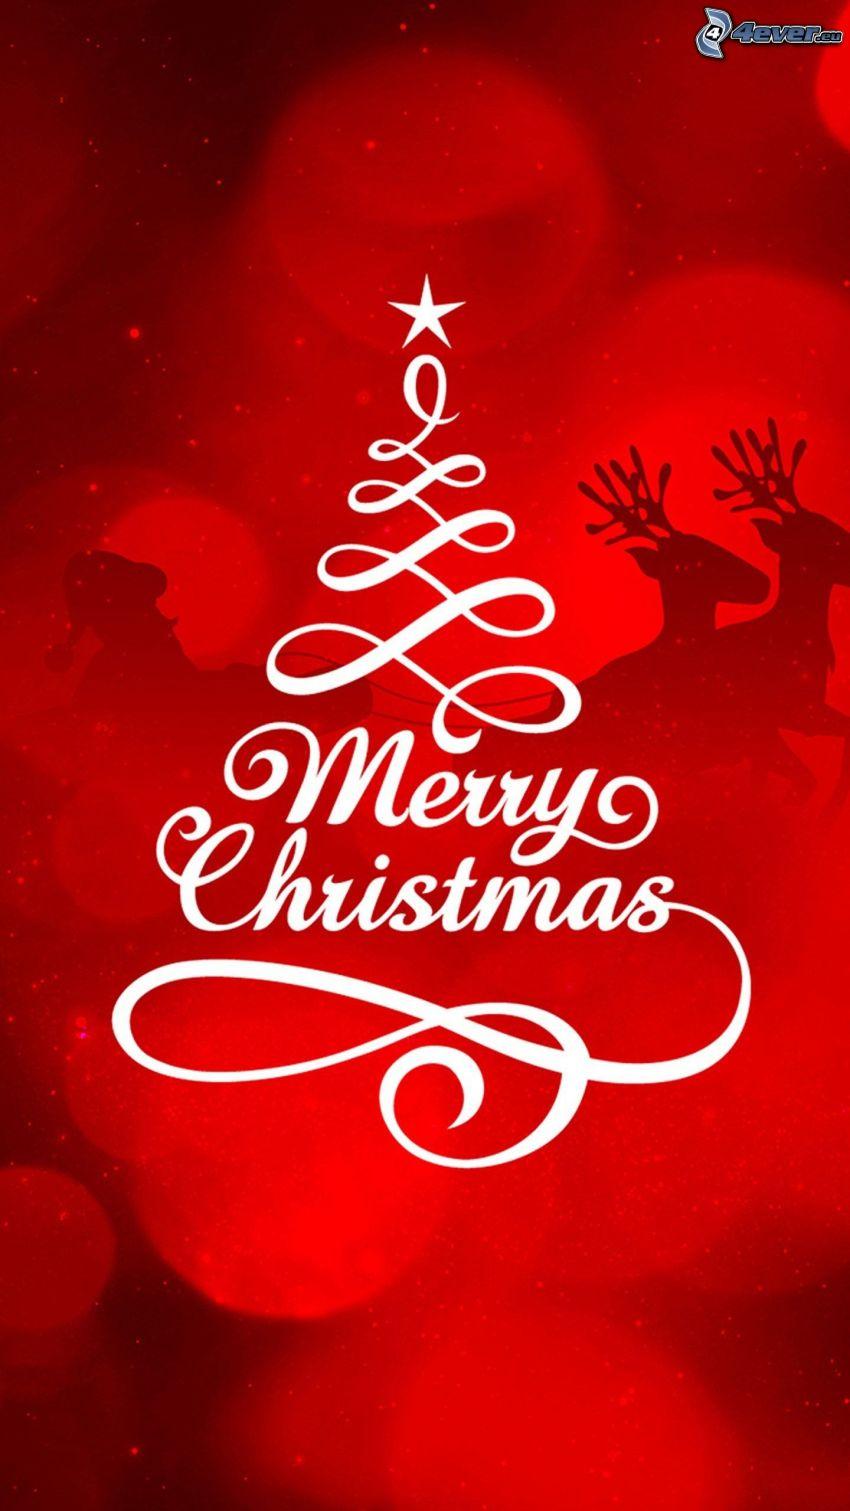 Merry Christmas, renos, trineo, Santa Claus, siluetas, árbol de Navidad, fondo rojo